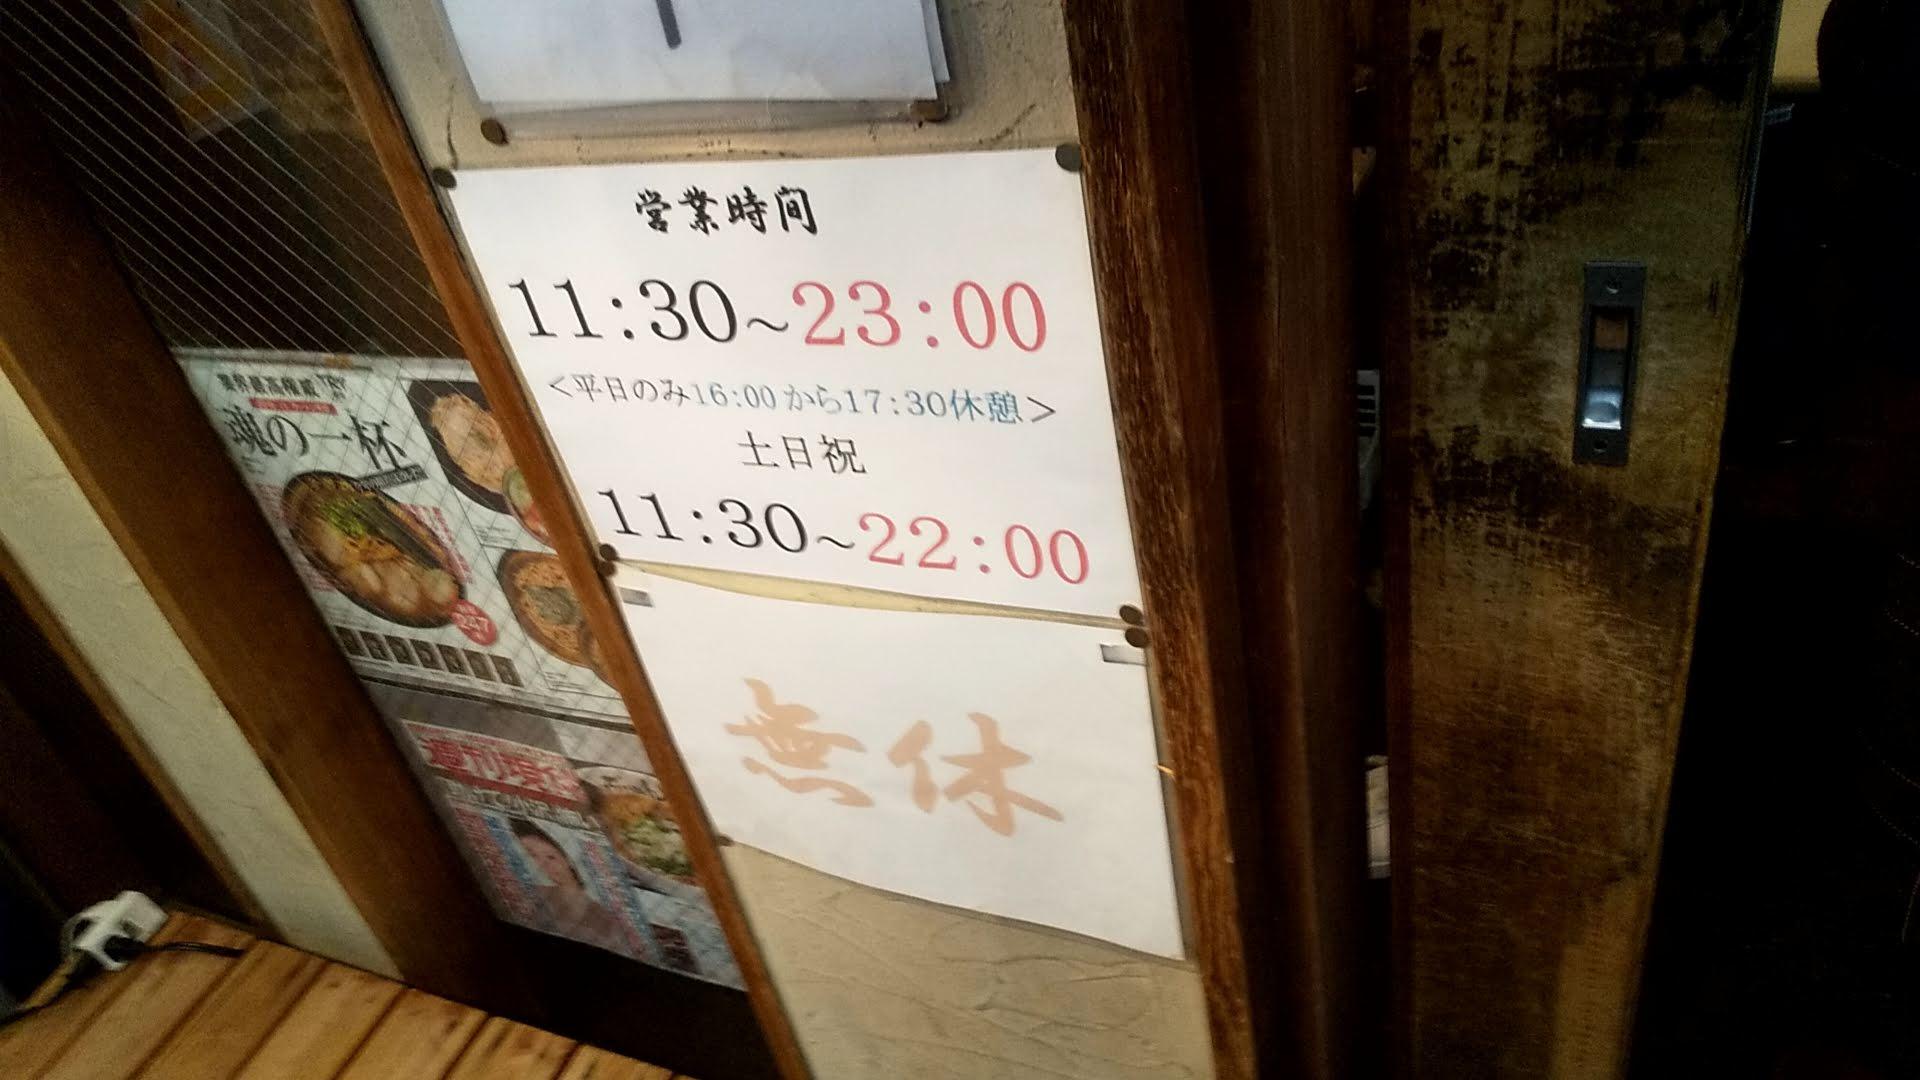 えん寺池袋店の営業時間